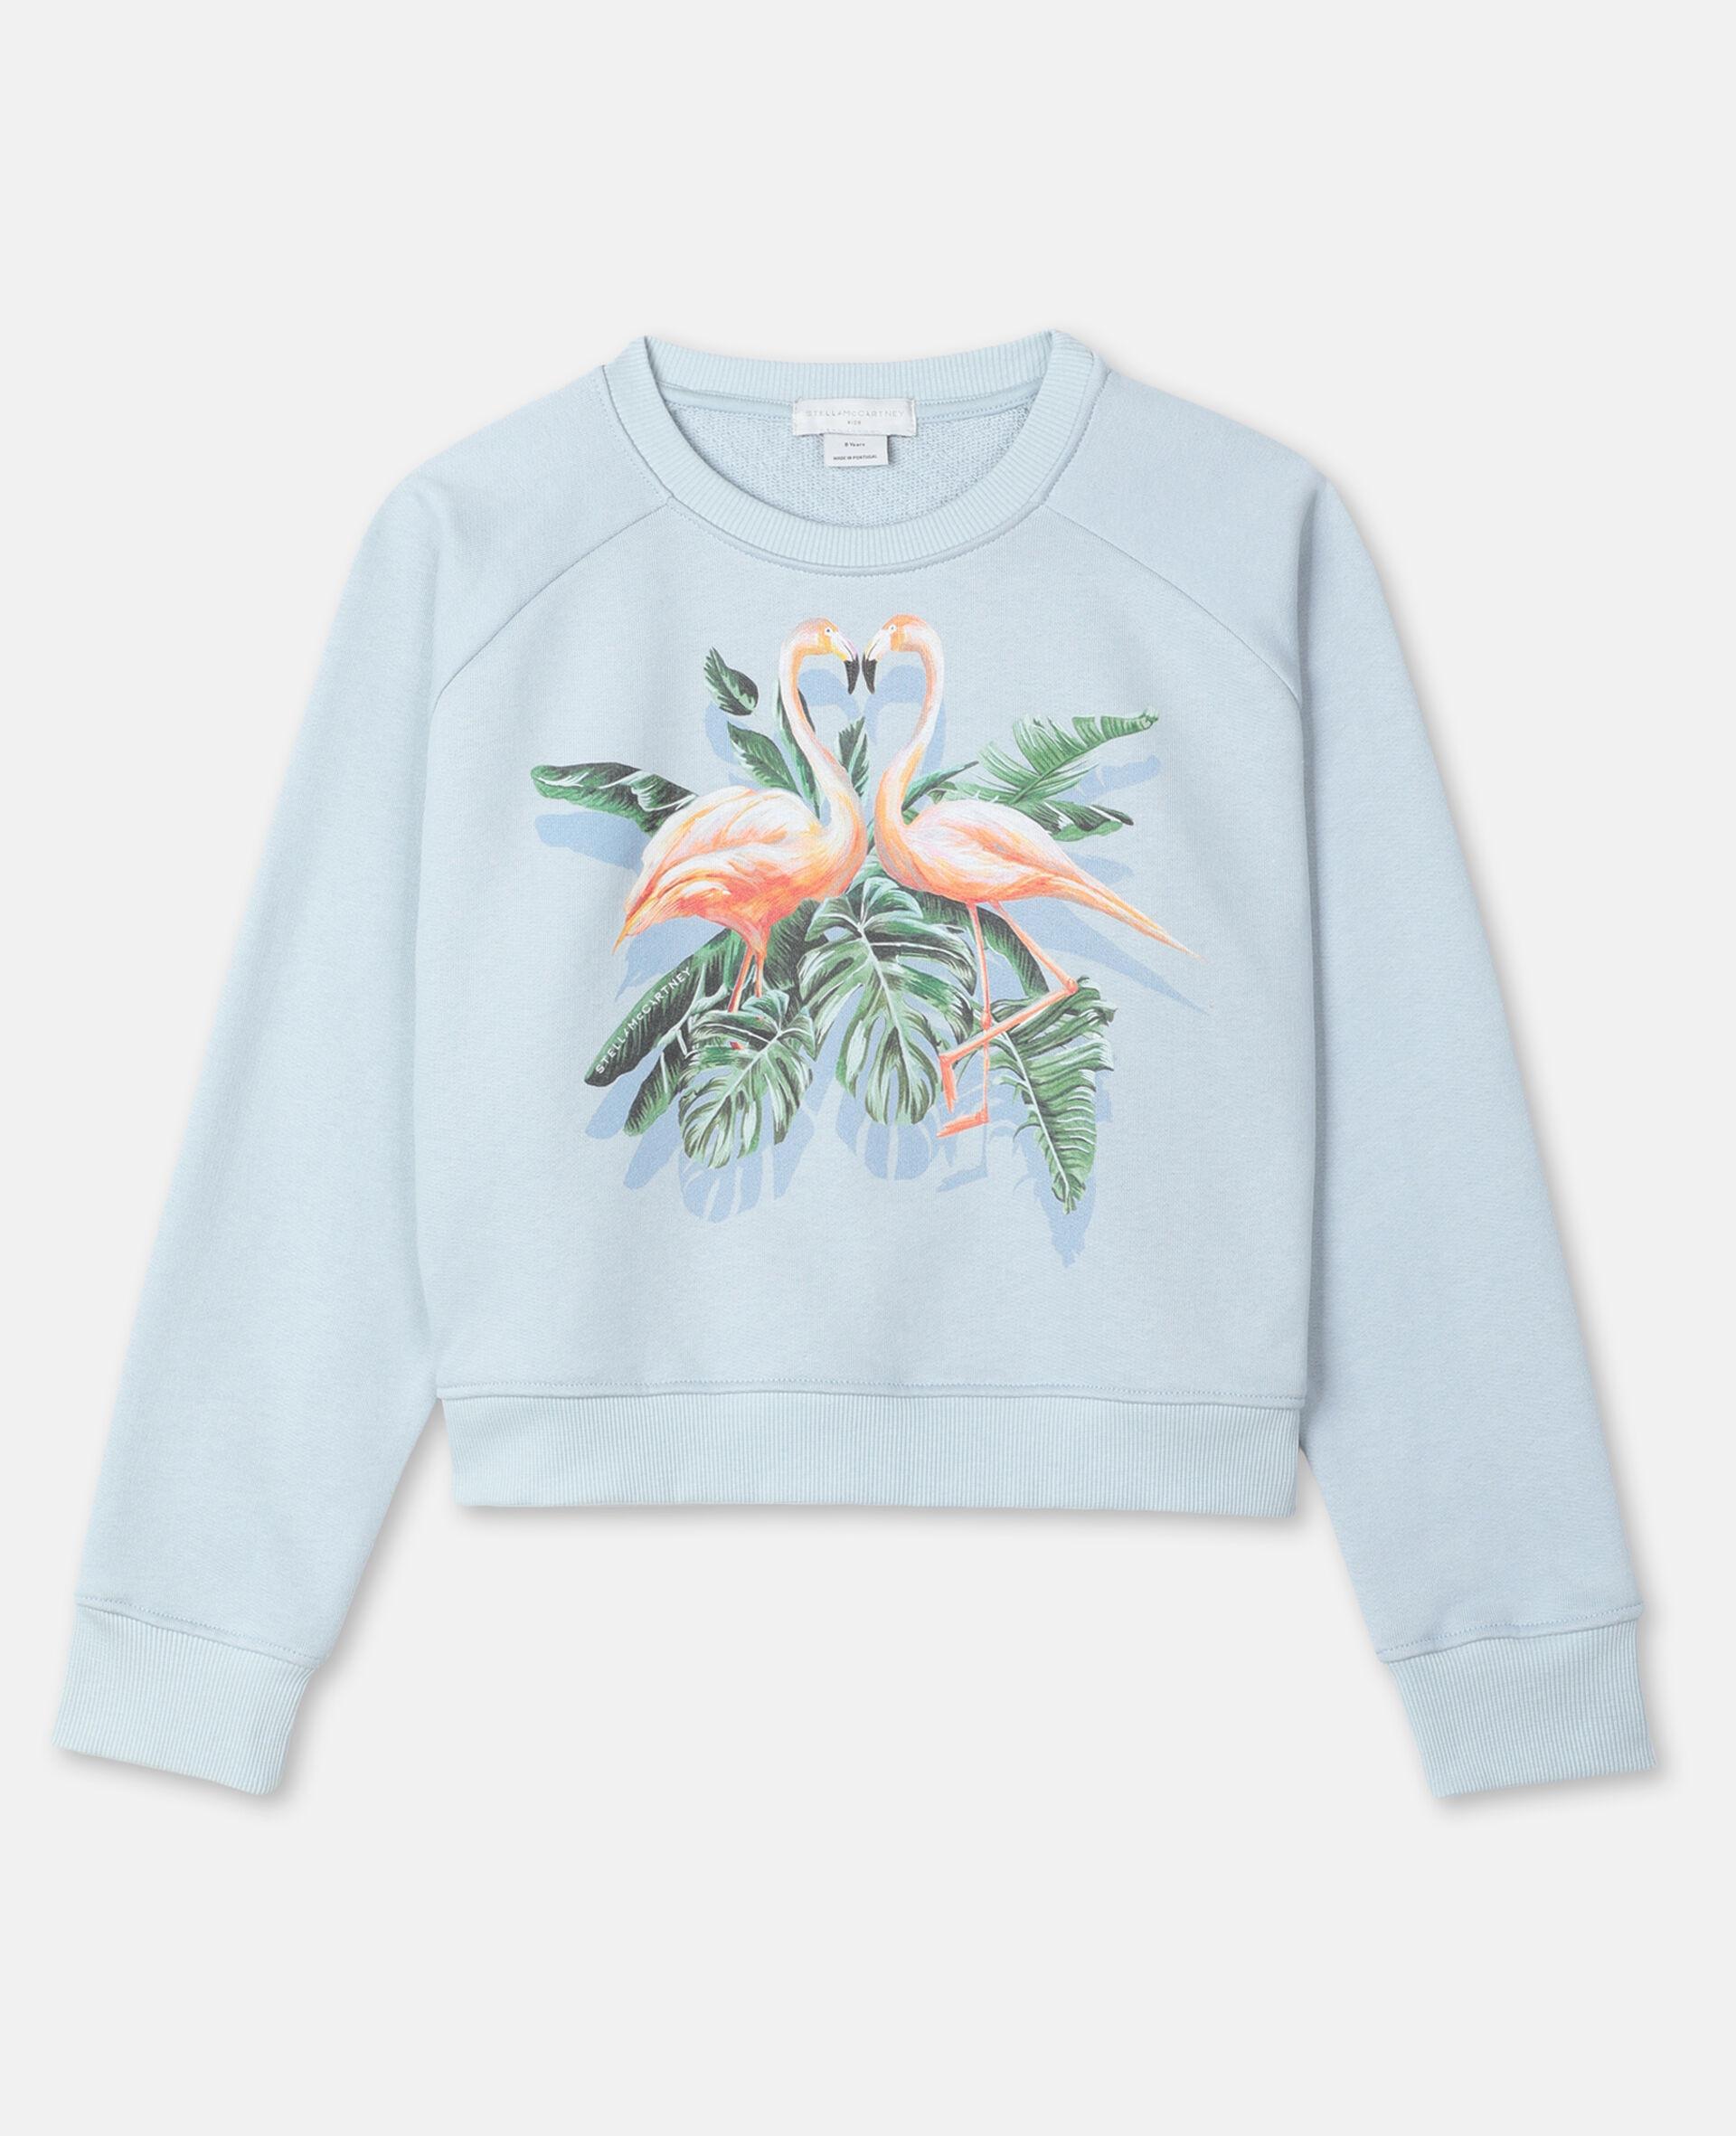 Sweat-shirt en molleton motif flamant rose effet peint -Bleu-large image number 0